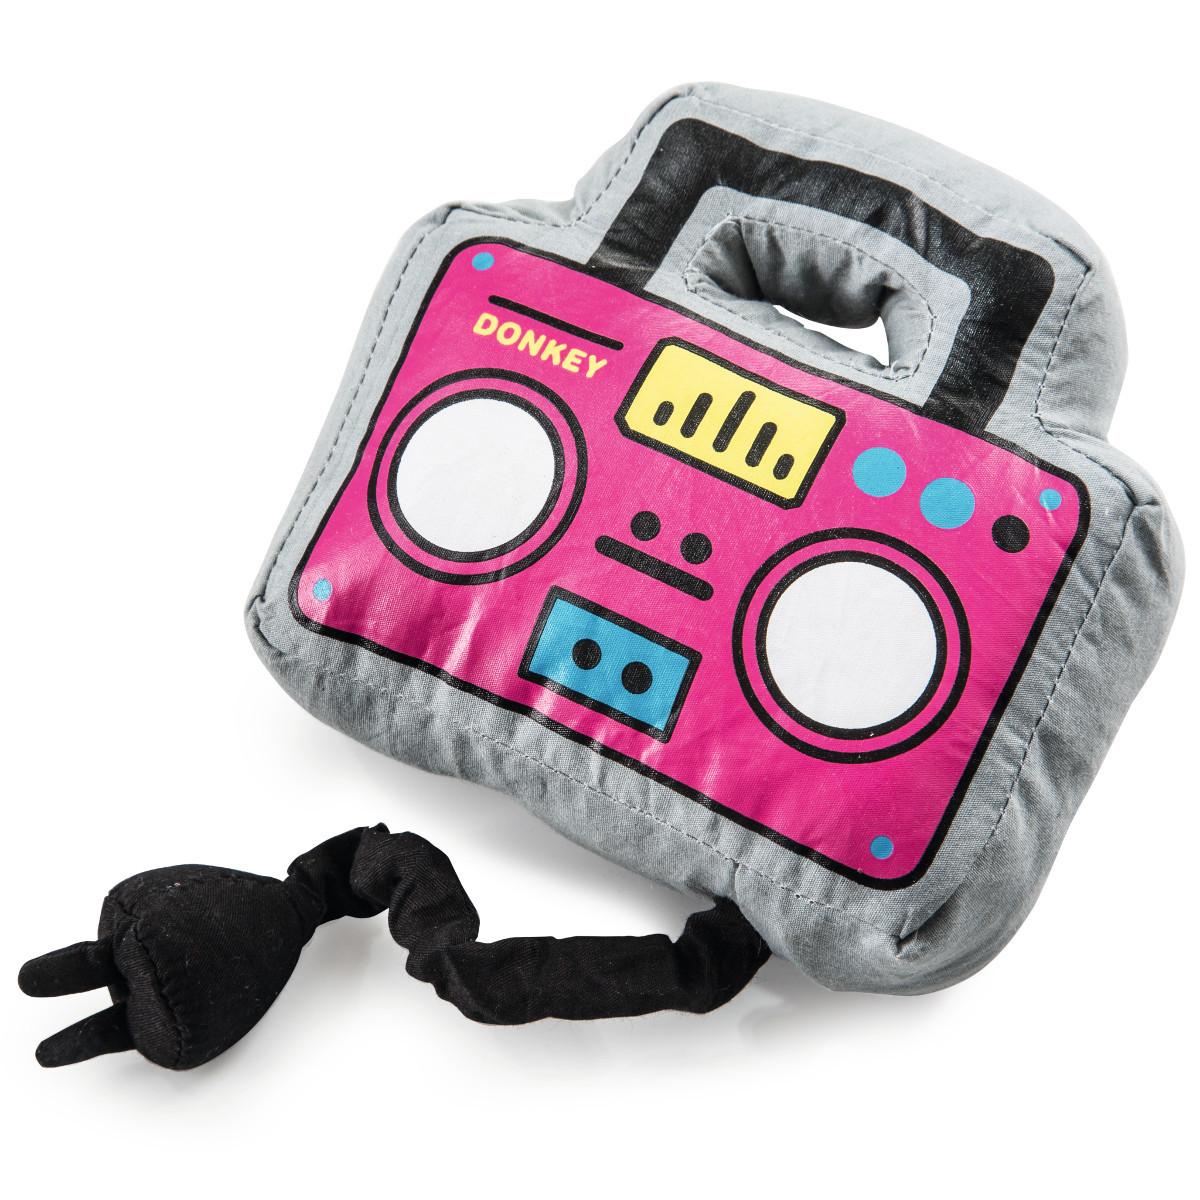 Spieluhr im Technik-Look